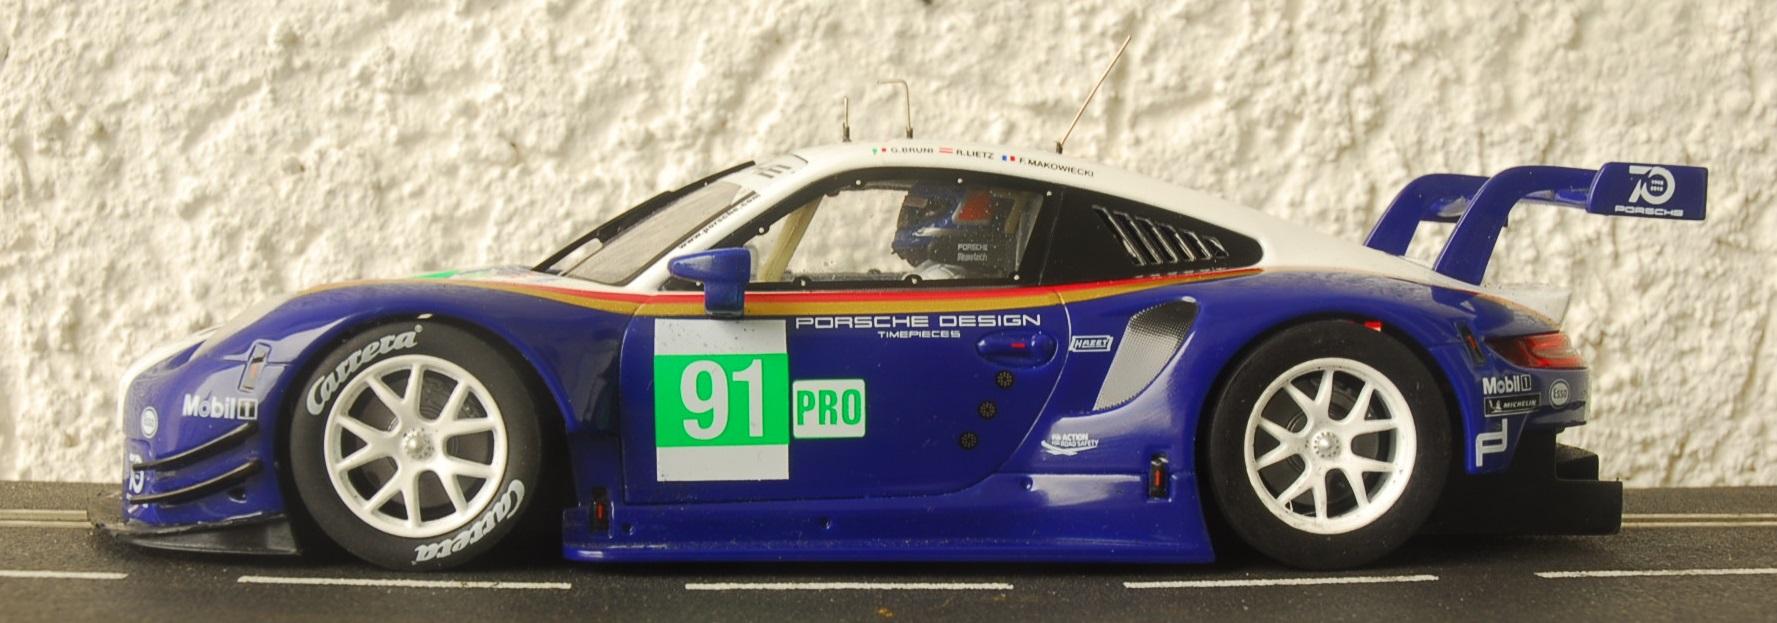 Verschlankter/modifizierter Carrera 124 Porsche 911 RSR